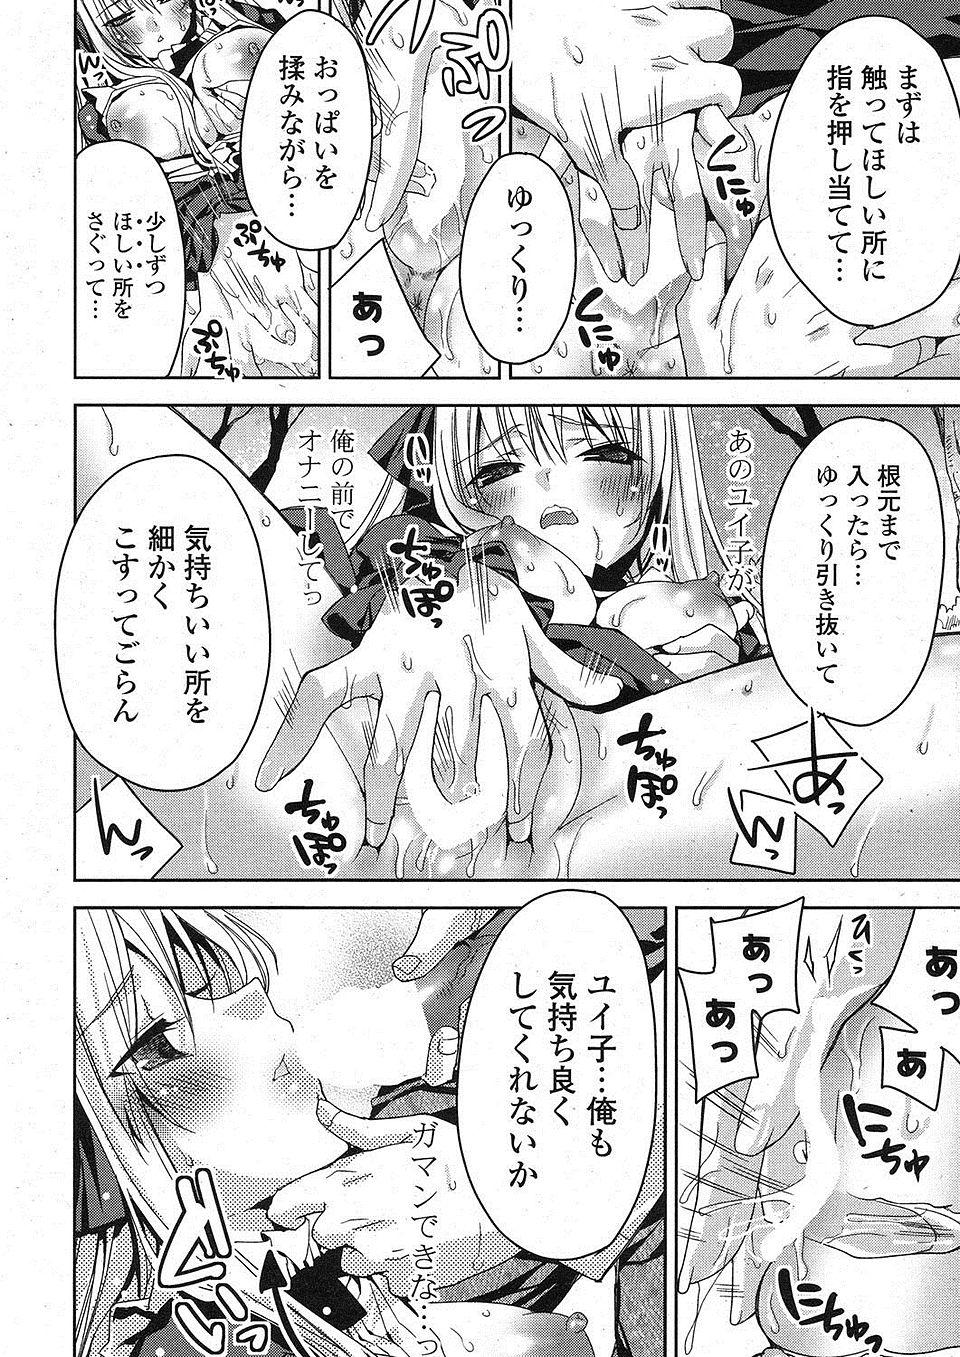 【エロ漫画・エロ同人】クールな巨乳美少女に告ったら即キスおねだりされてそのまま青姦セックスwww (16)